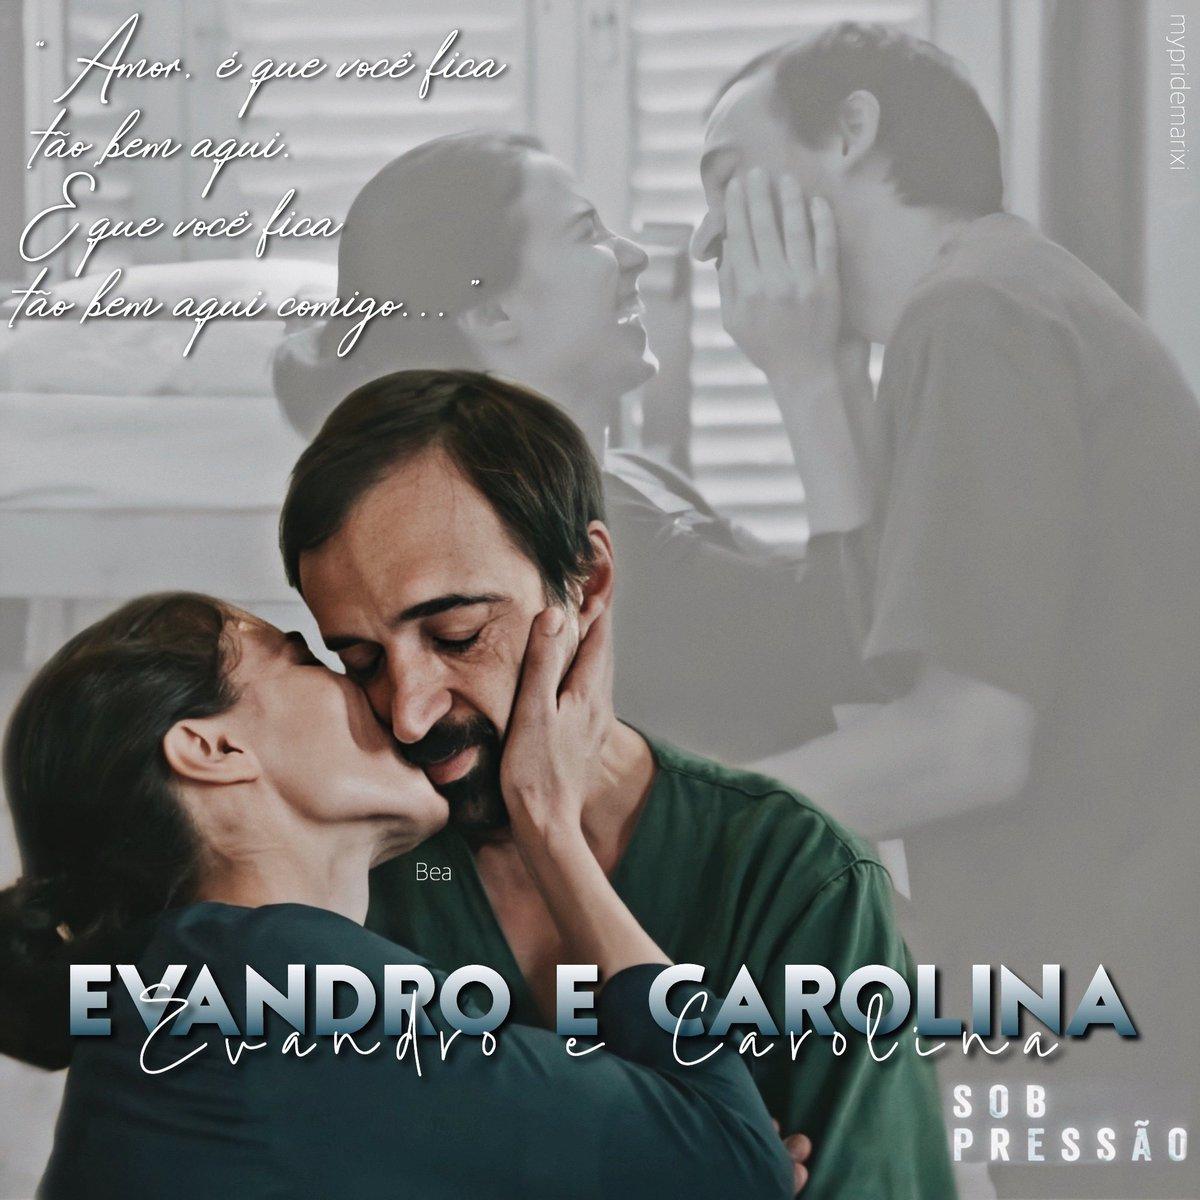 Evandro e Carolina 🖤 Ai que saudade do meu casal!  #Evandrina #SobPressão https://t.co/vmvWuJ19uk